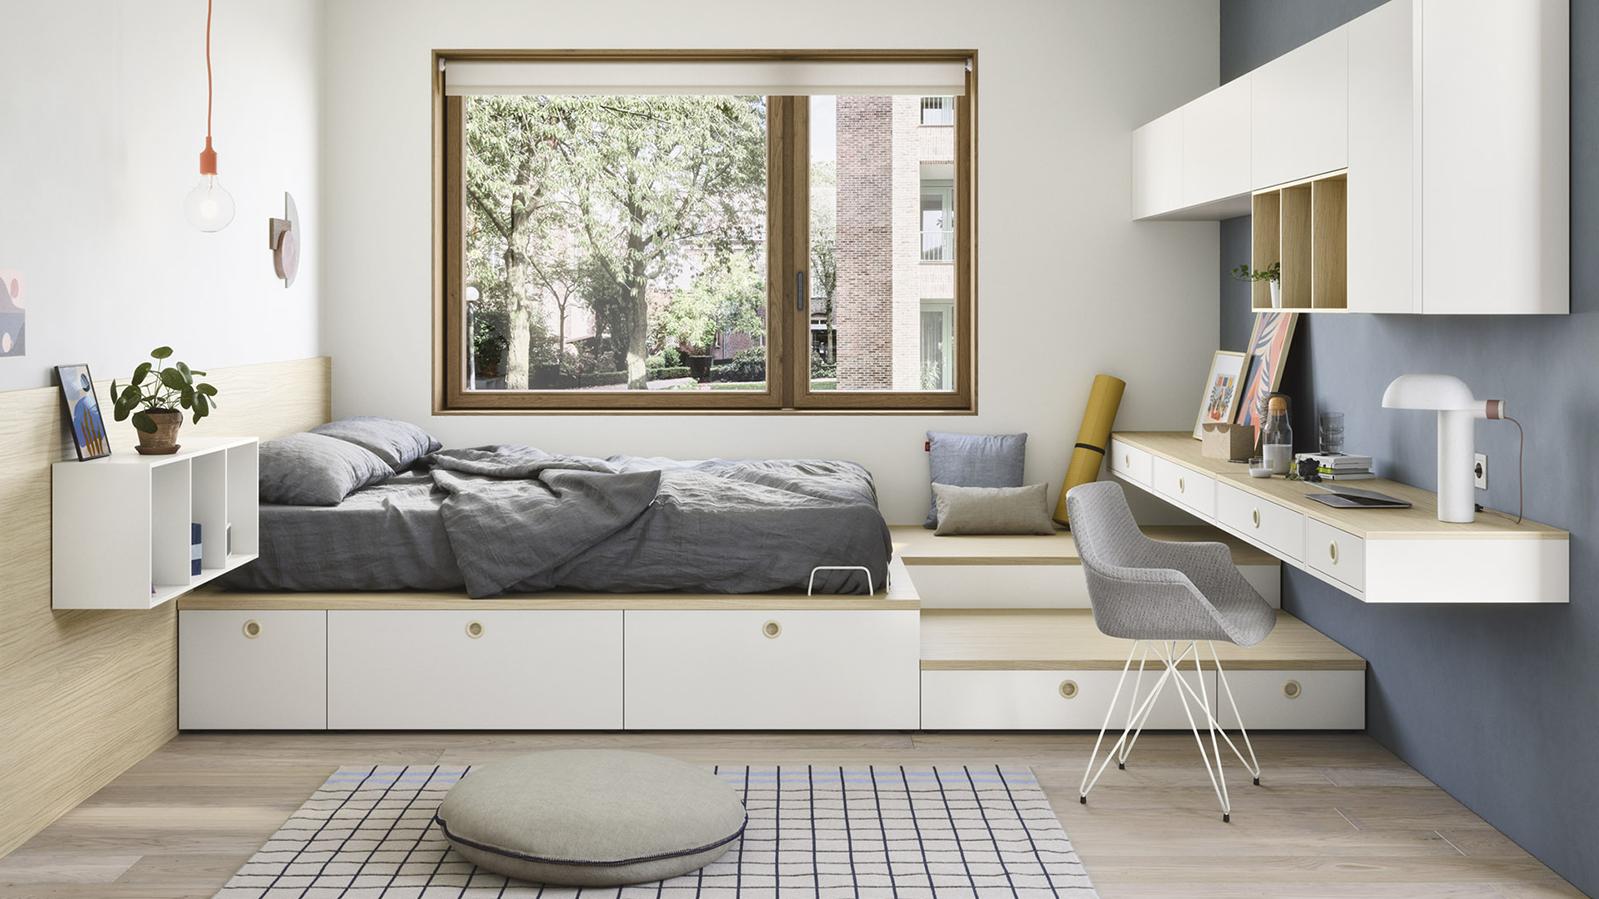 La stanza da letto delle nuove generazioni - Nidi Next su Elle Decor